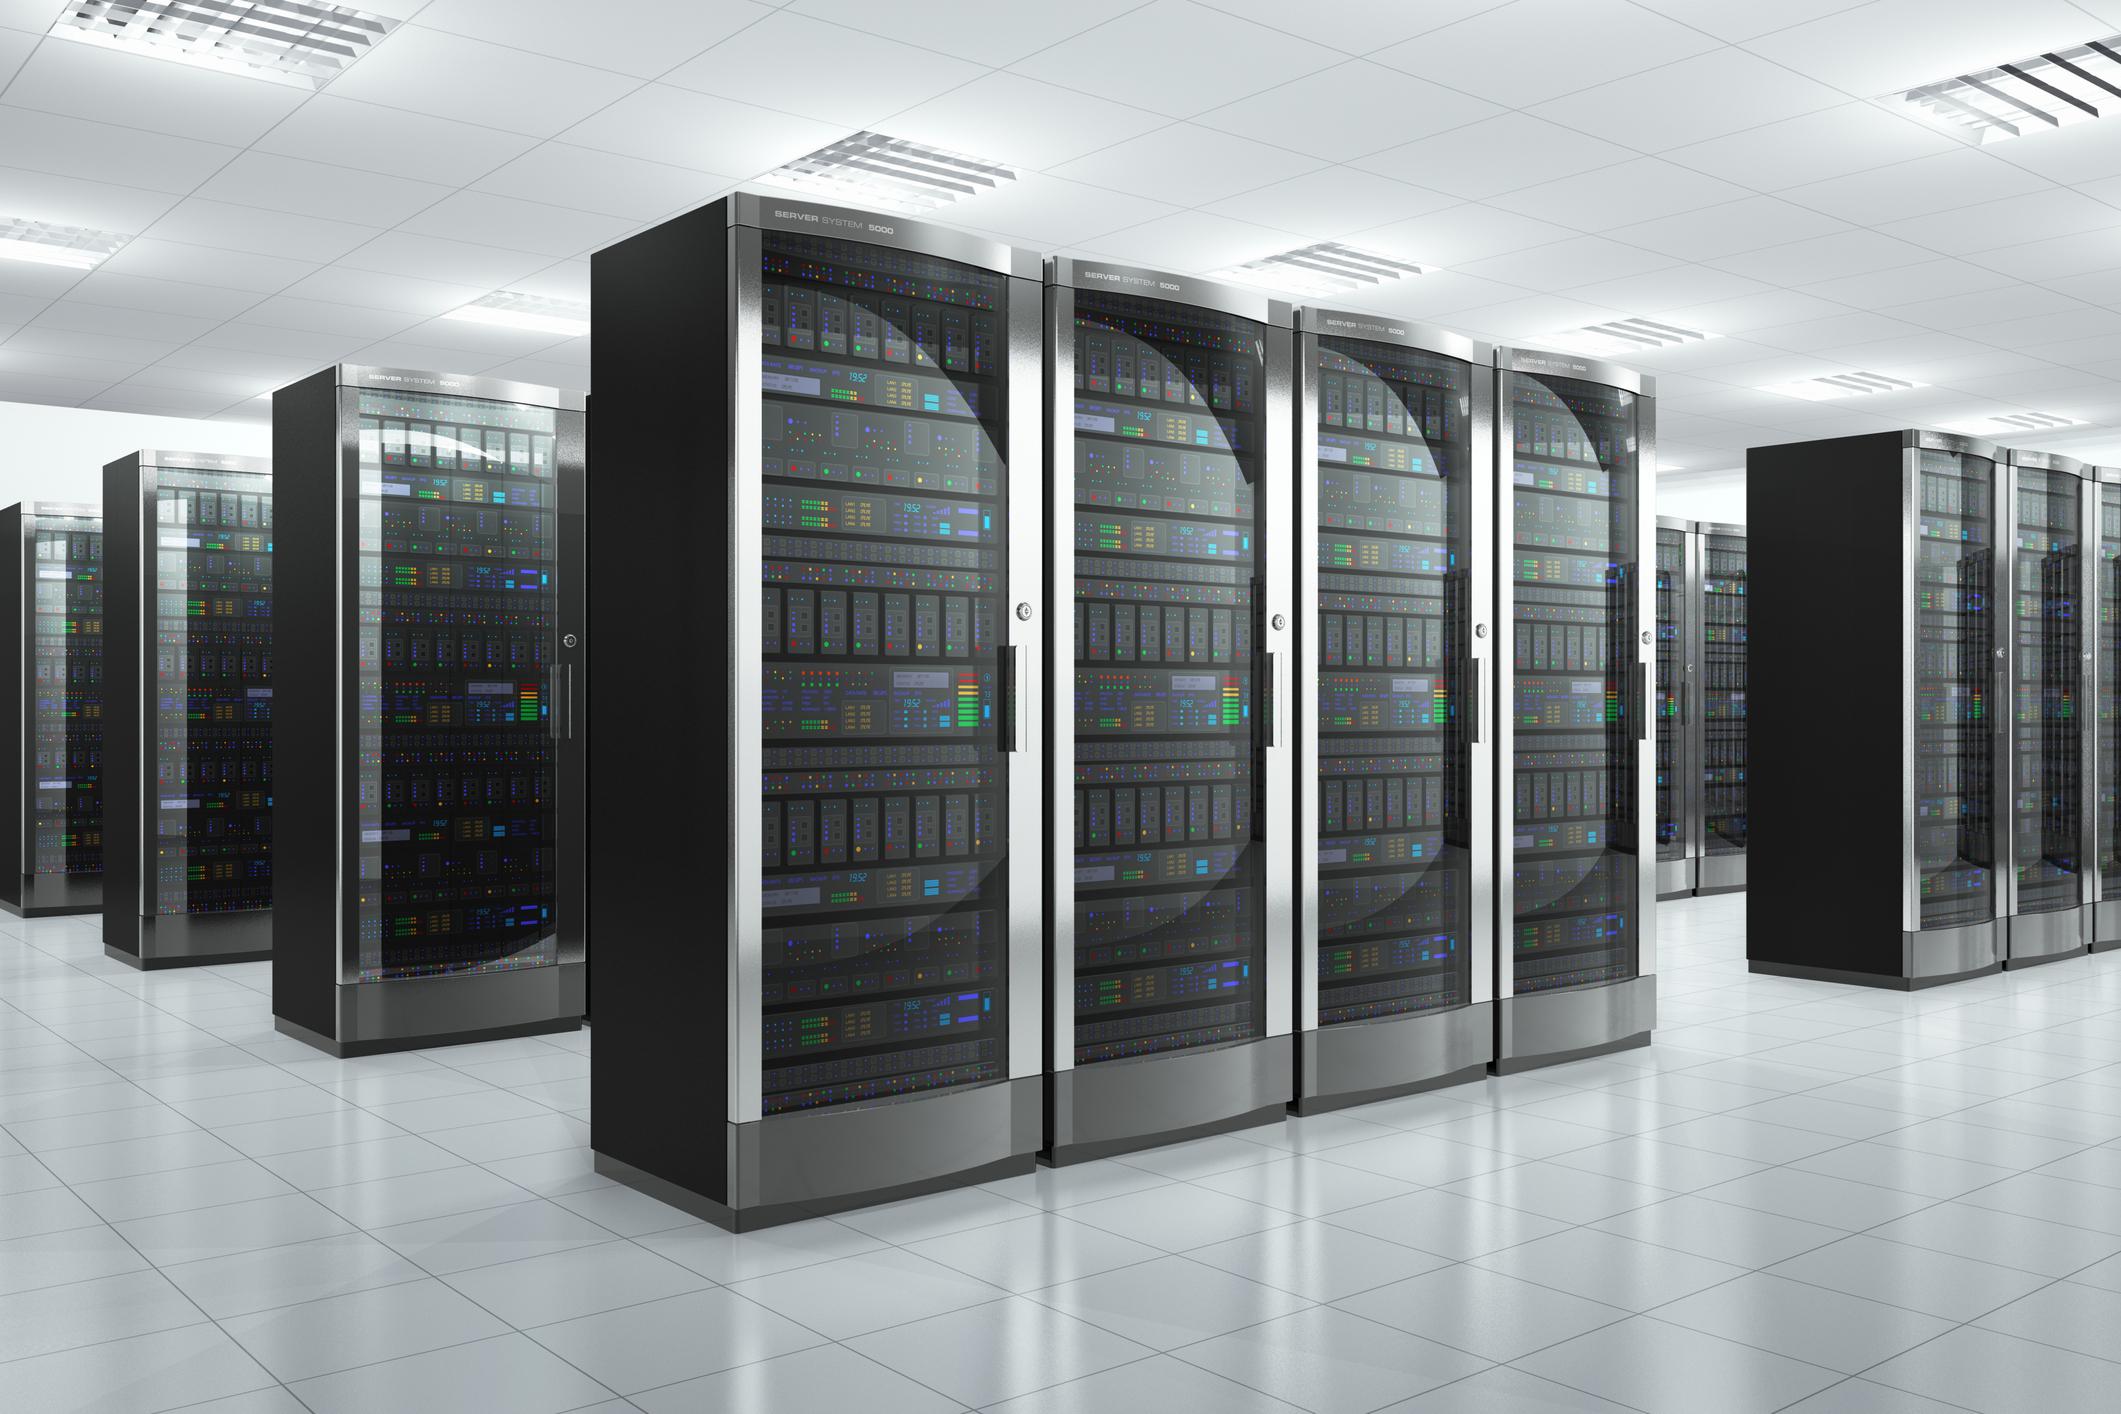 Data center full of modern server racks.